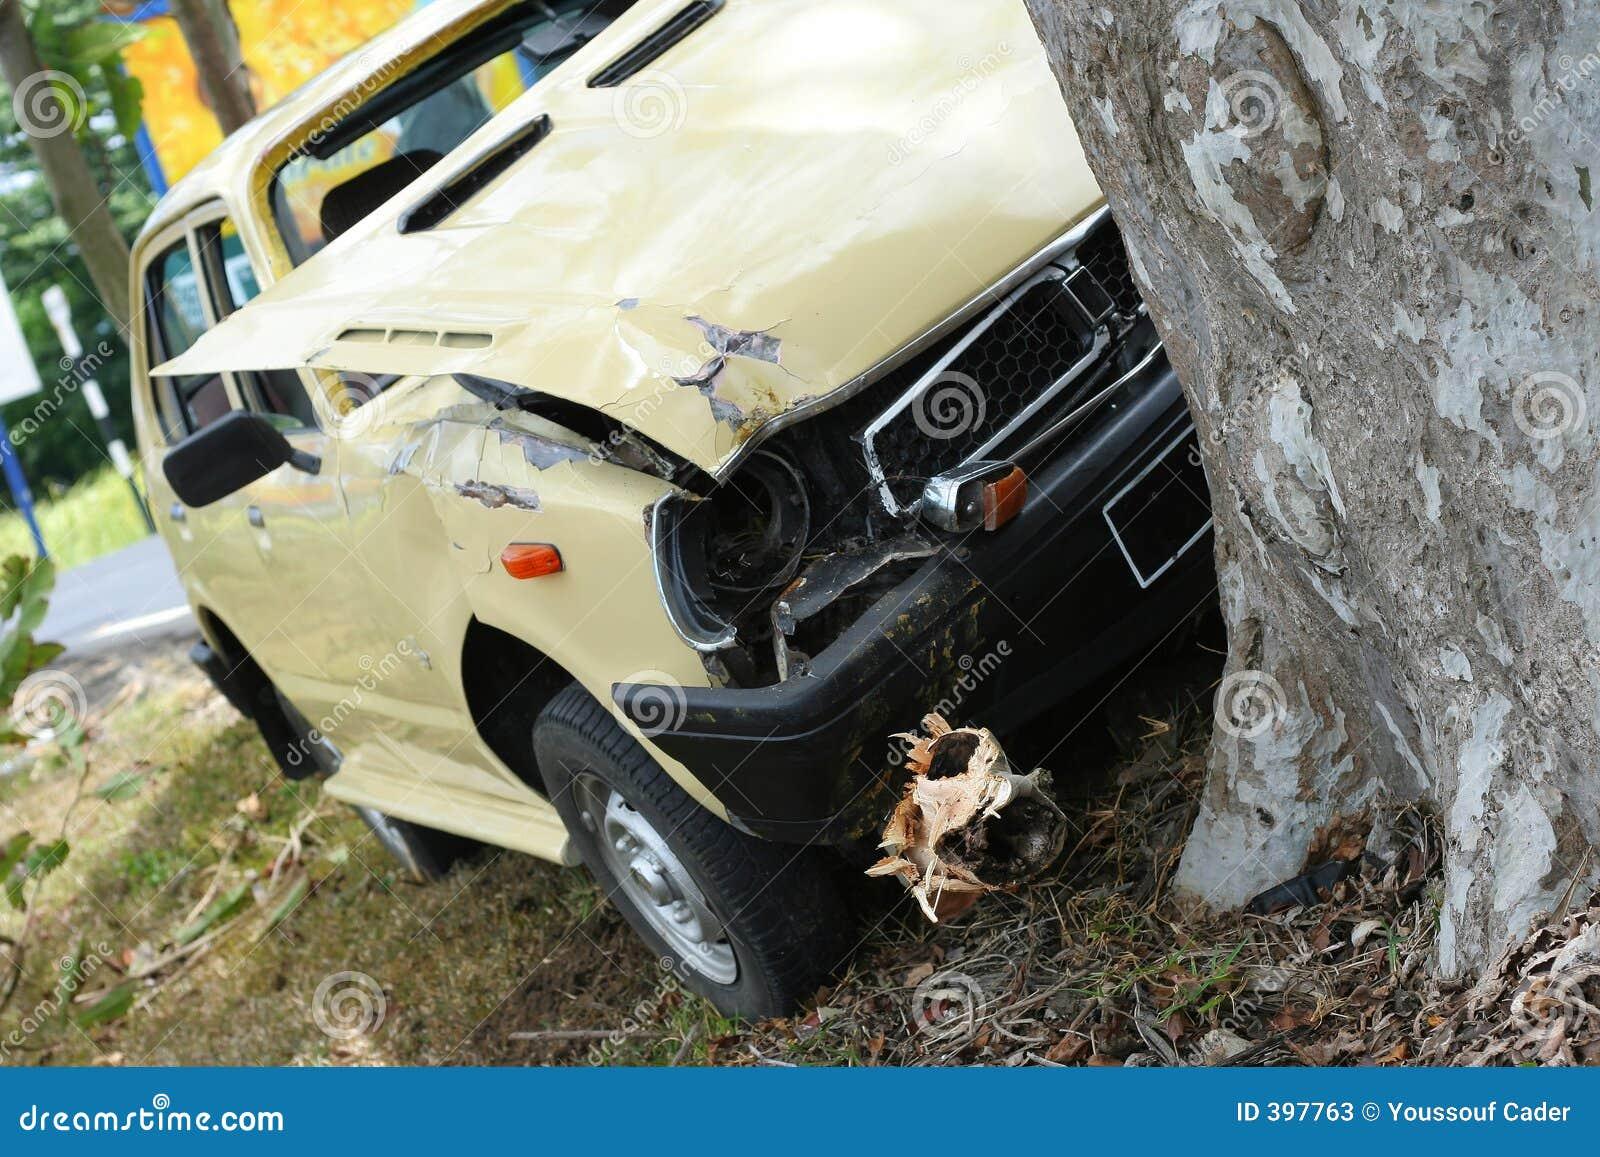 2 car crash